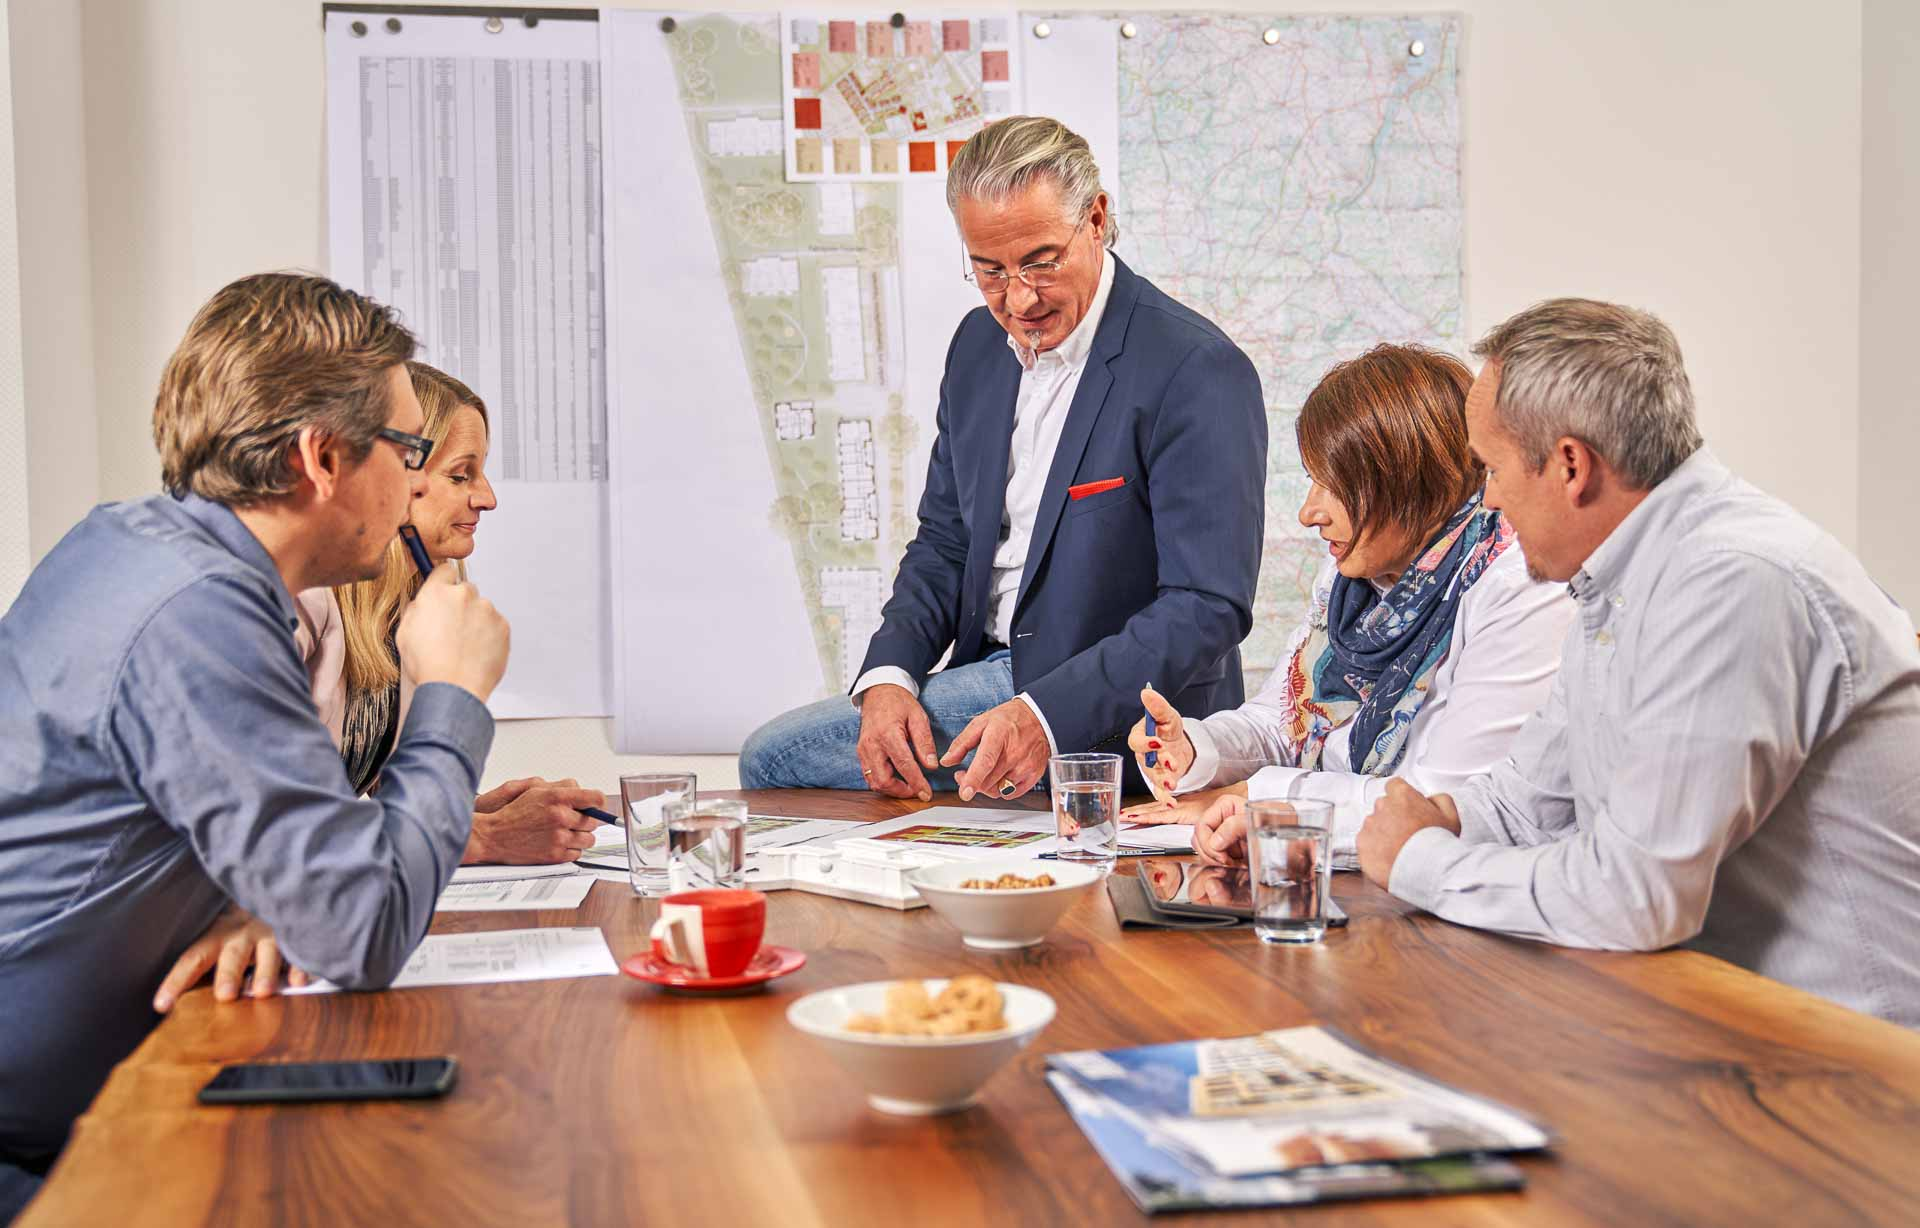 Meetingrunde mit Vorgesetzten. Mitarbeiter hören aufmerksam zu.